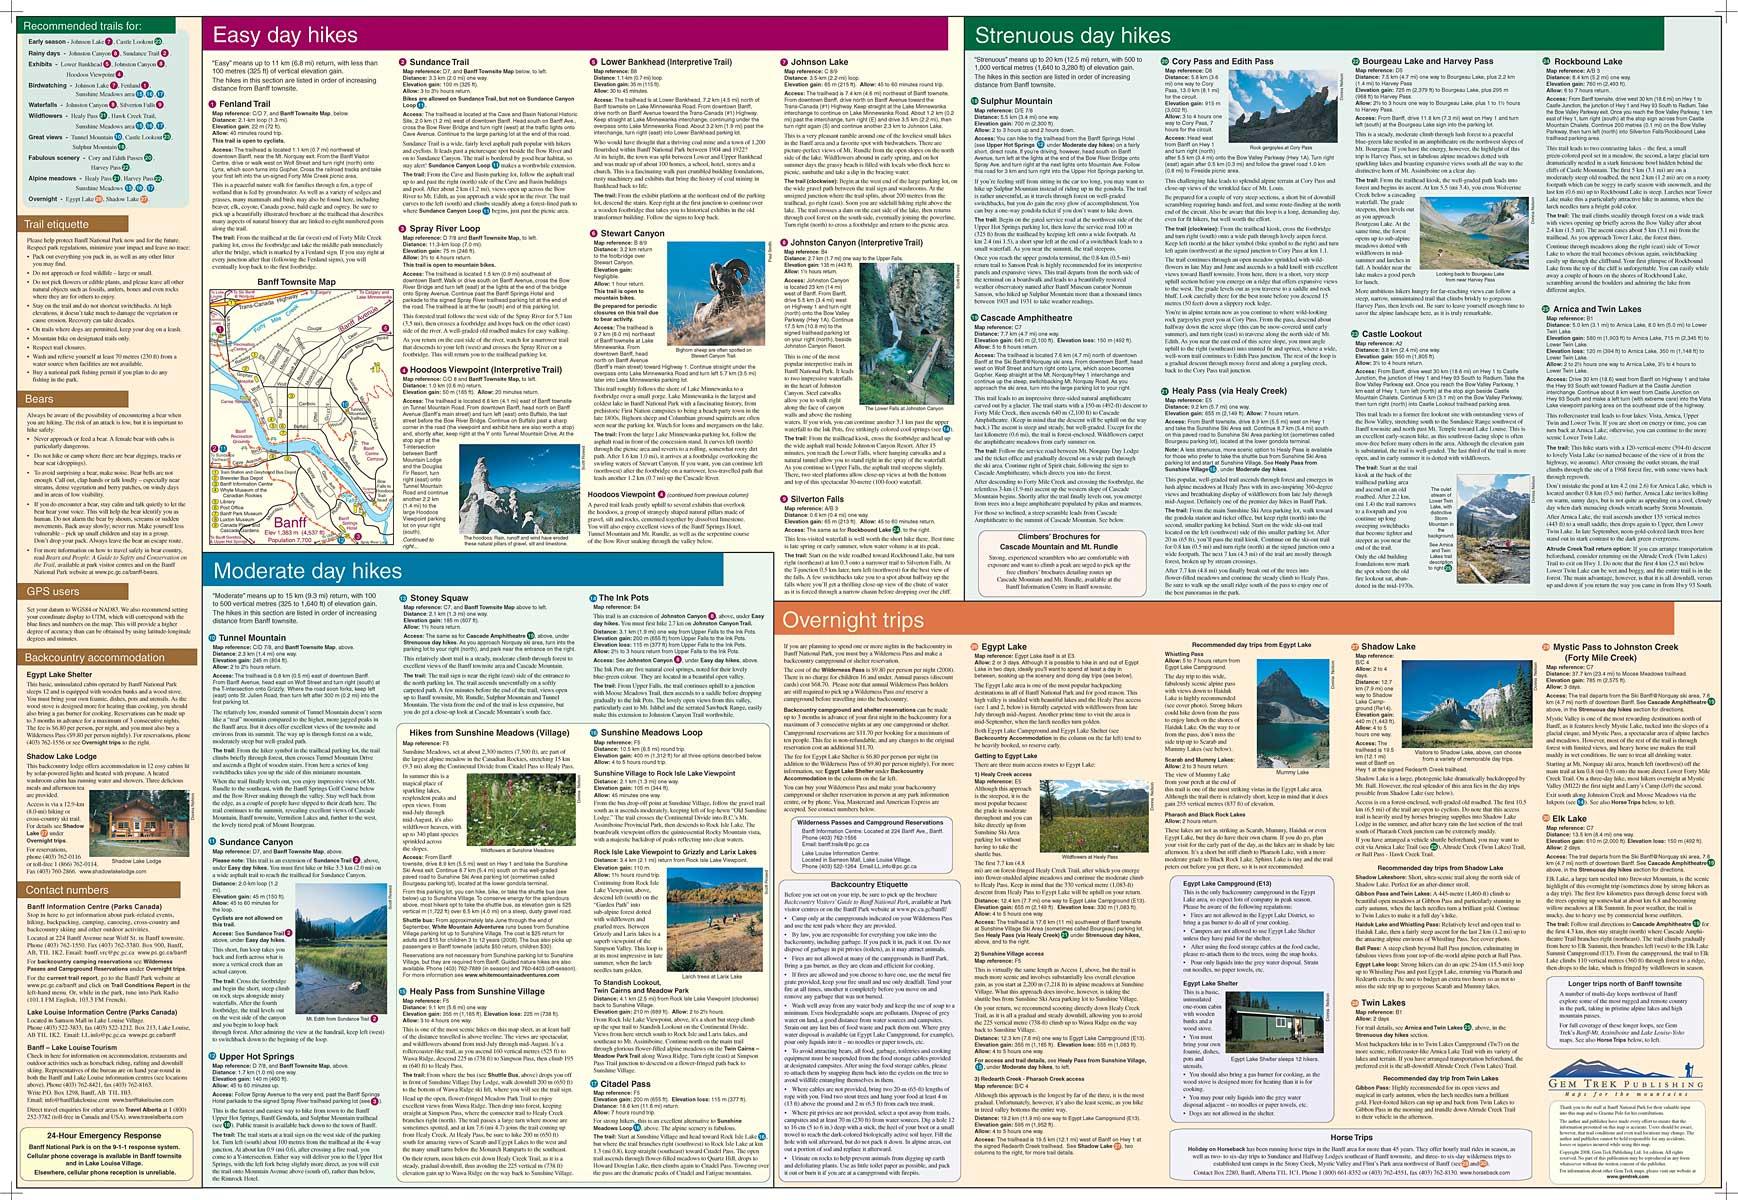 Banff Egypt Lake Map Banff National Park